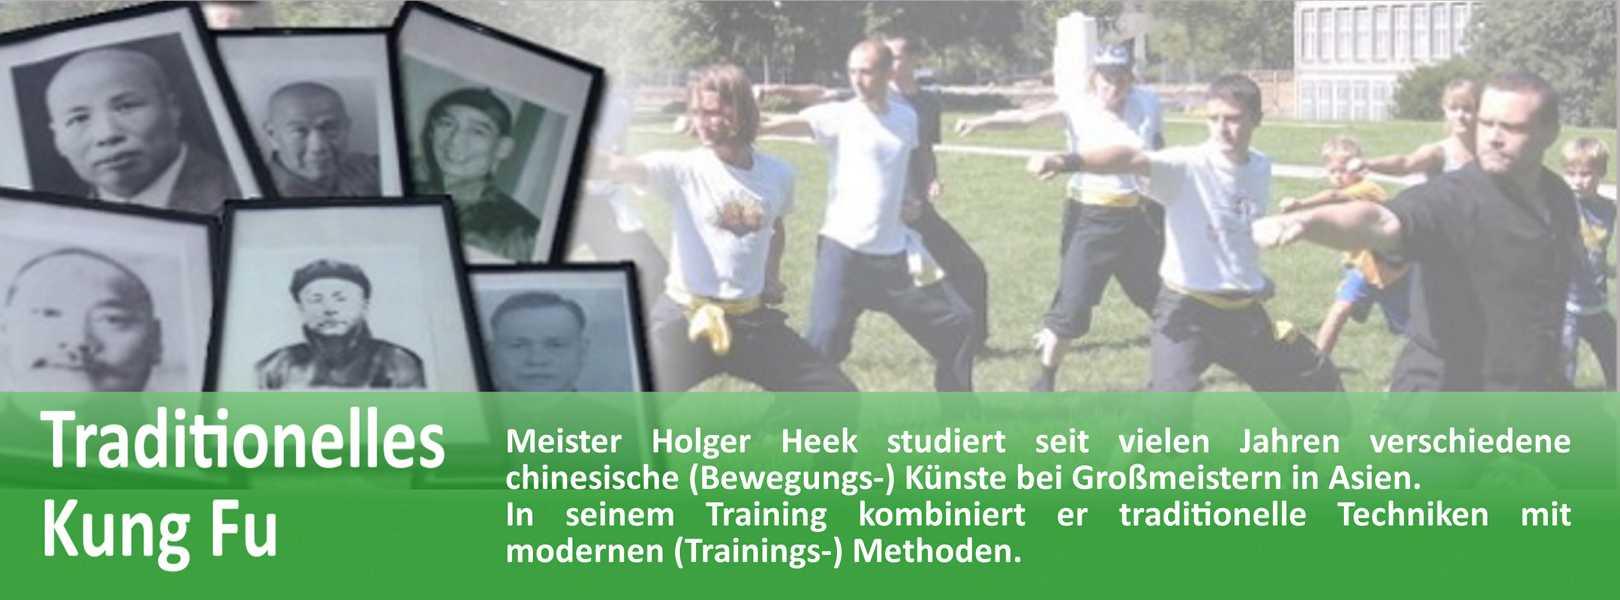 Lernen Sie traditionelles Kung Fu in Köln Ehrenfeld.